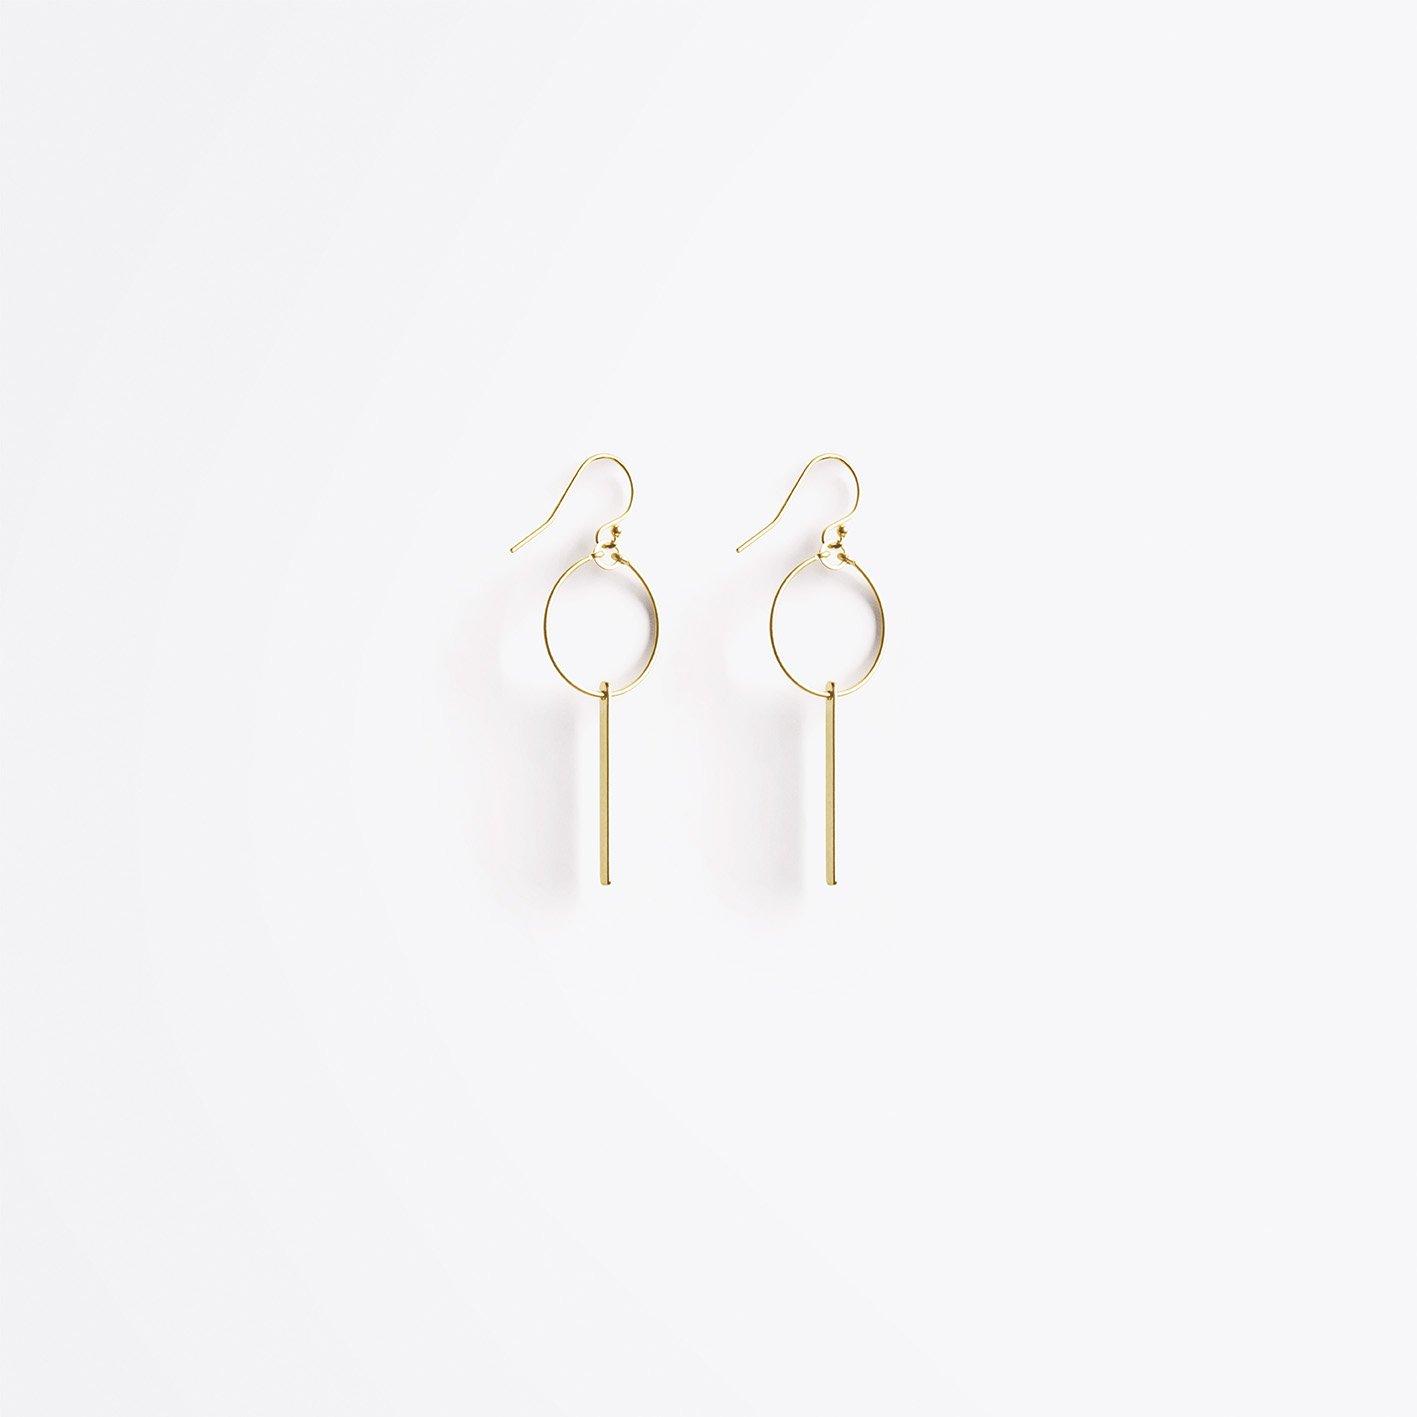 Aktis cultural hoop earring (£36.00)